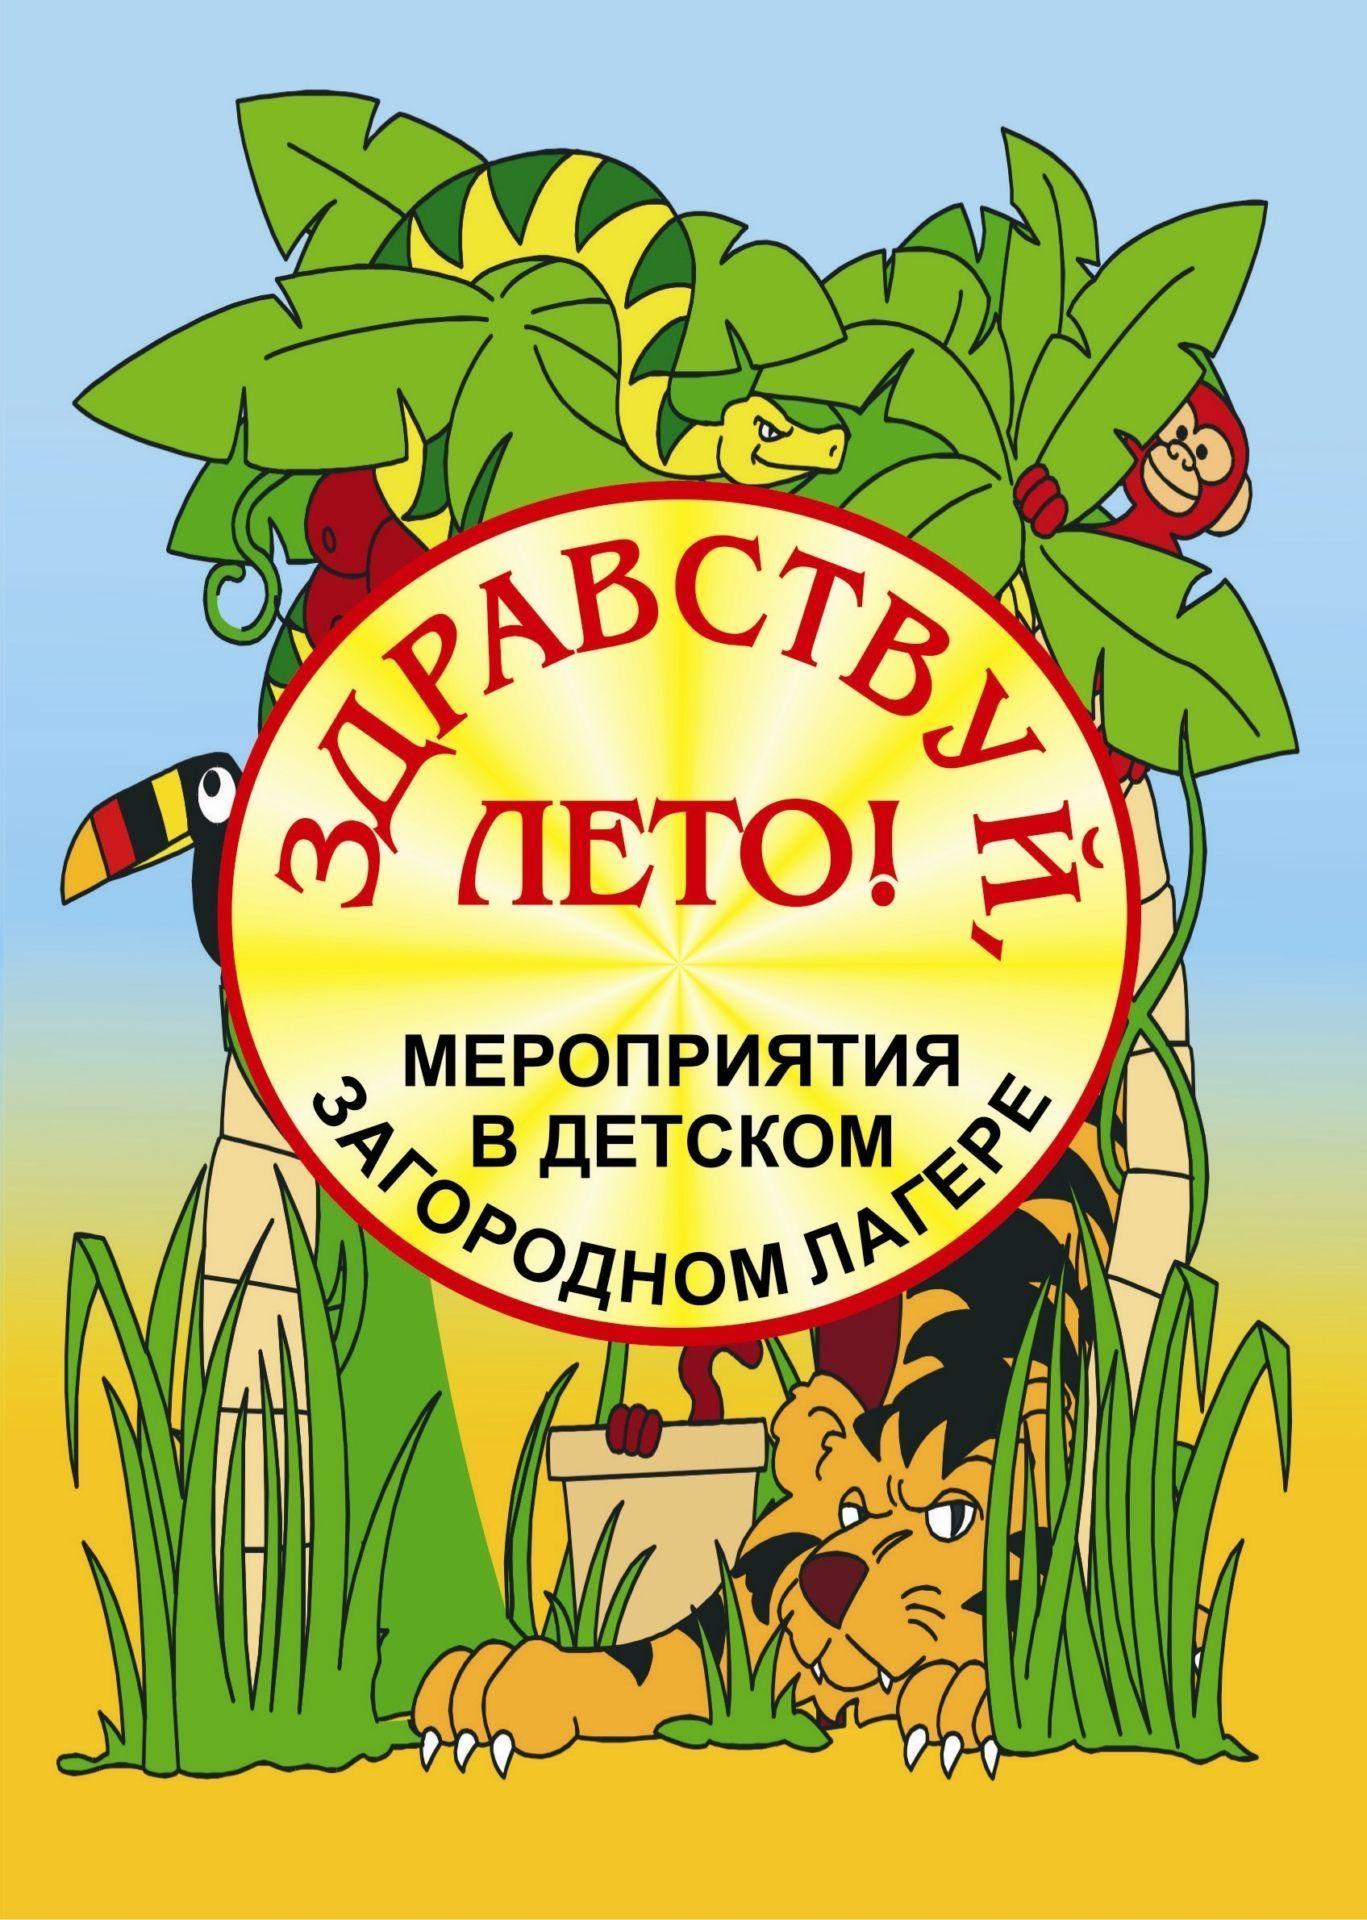 Здравствуй, лето! Мероприятия в детском загородном лагере